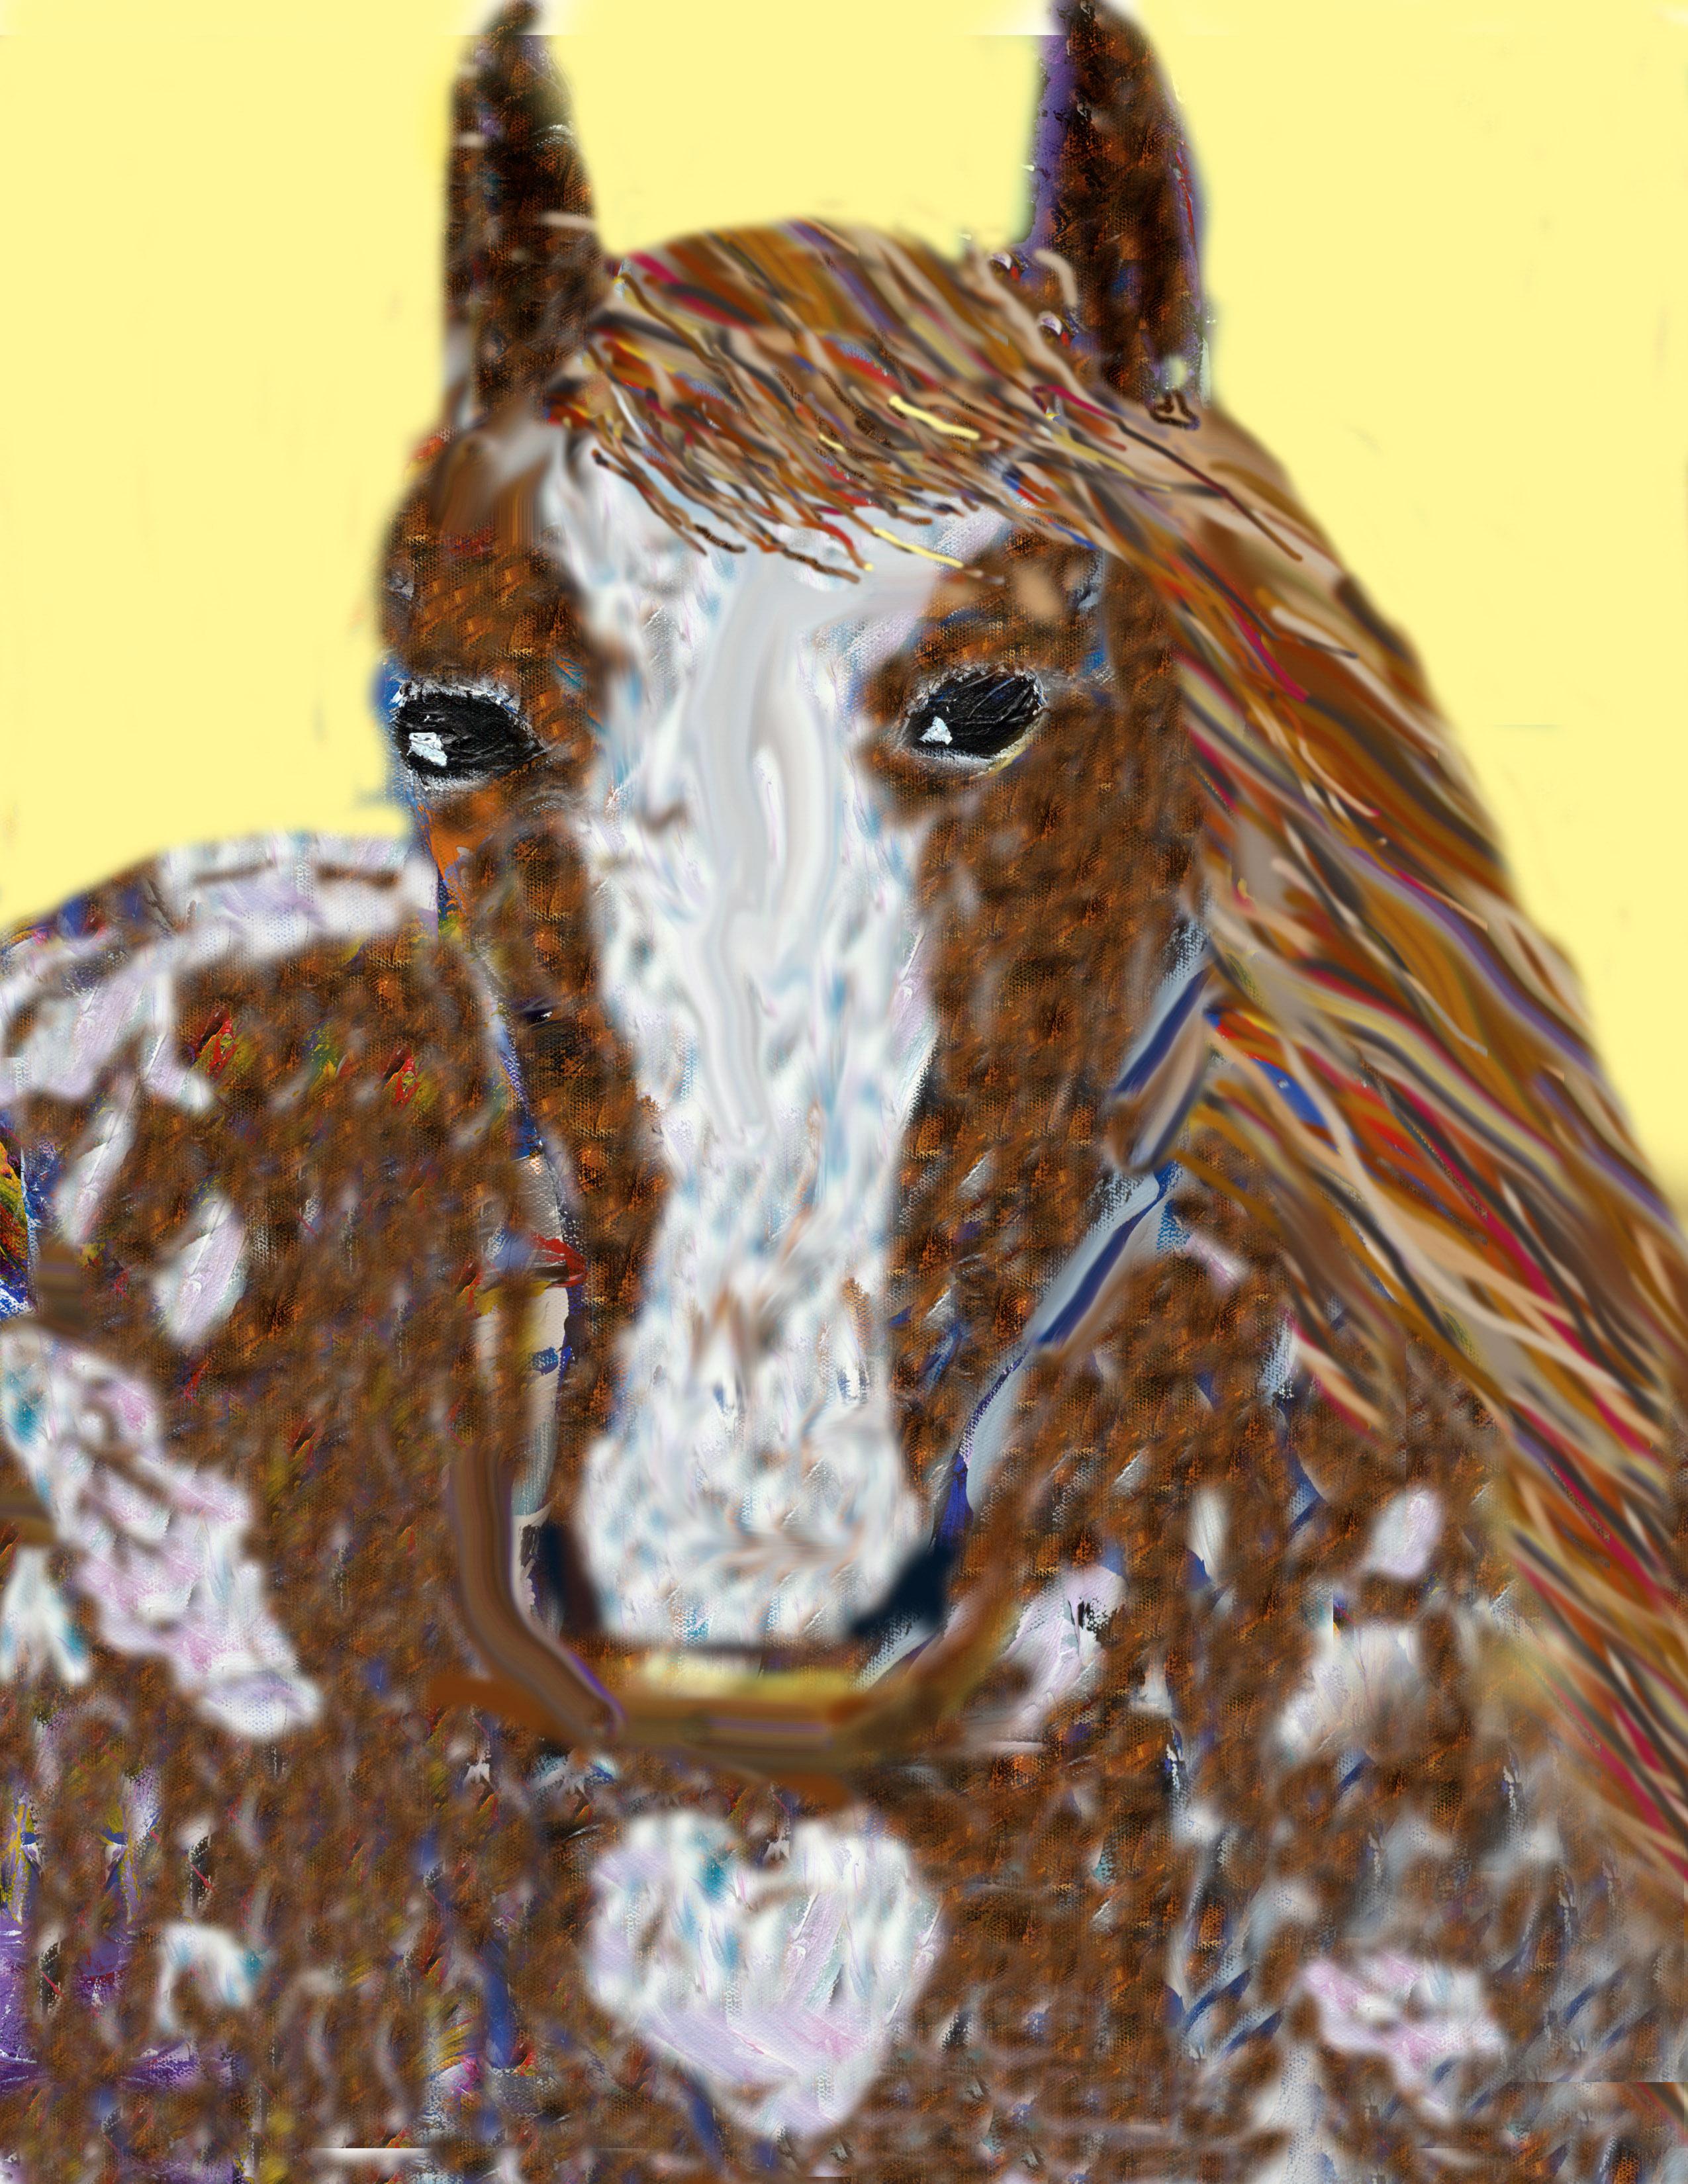 Two Horses Metallic, 1/18/11, 5:17 PM, 8C, 6000x8000 (0+0), 100%, Repro 1.8 v2, 1/25 s, R123.4, G98.8, B120.0